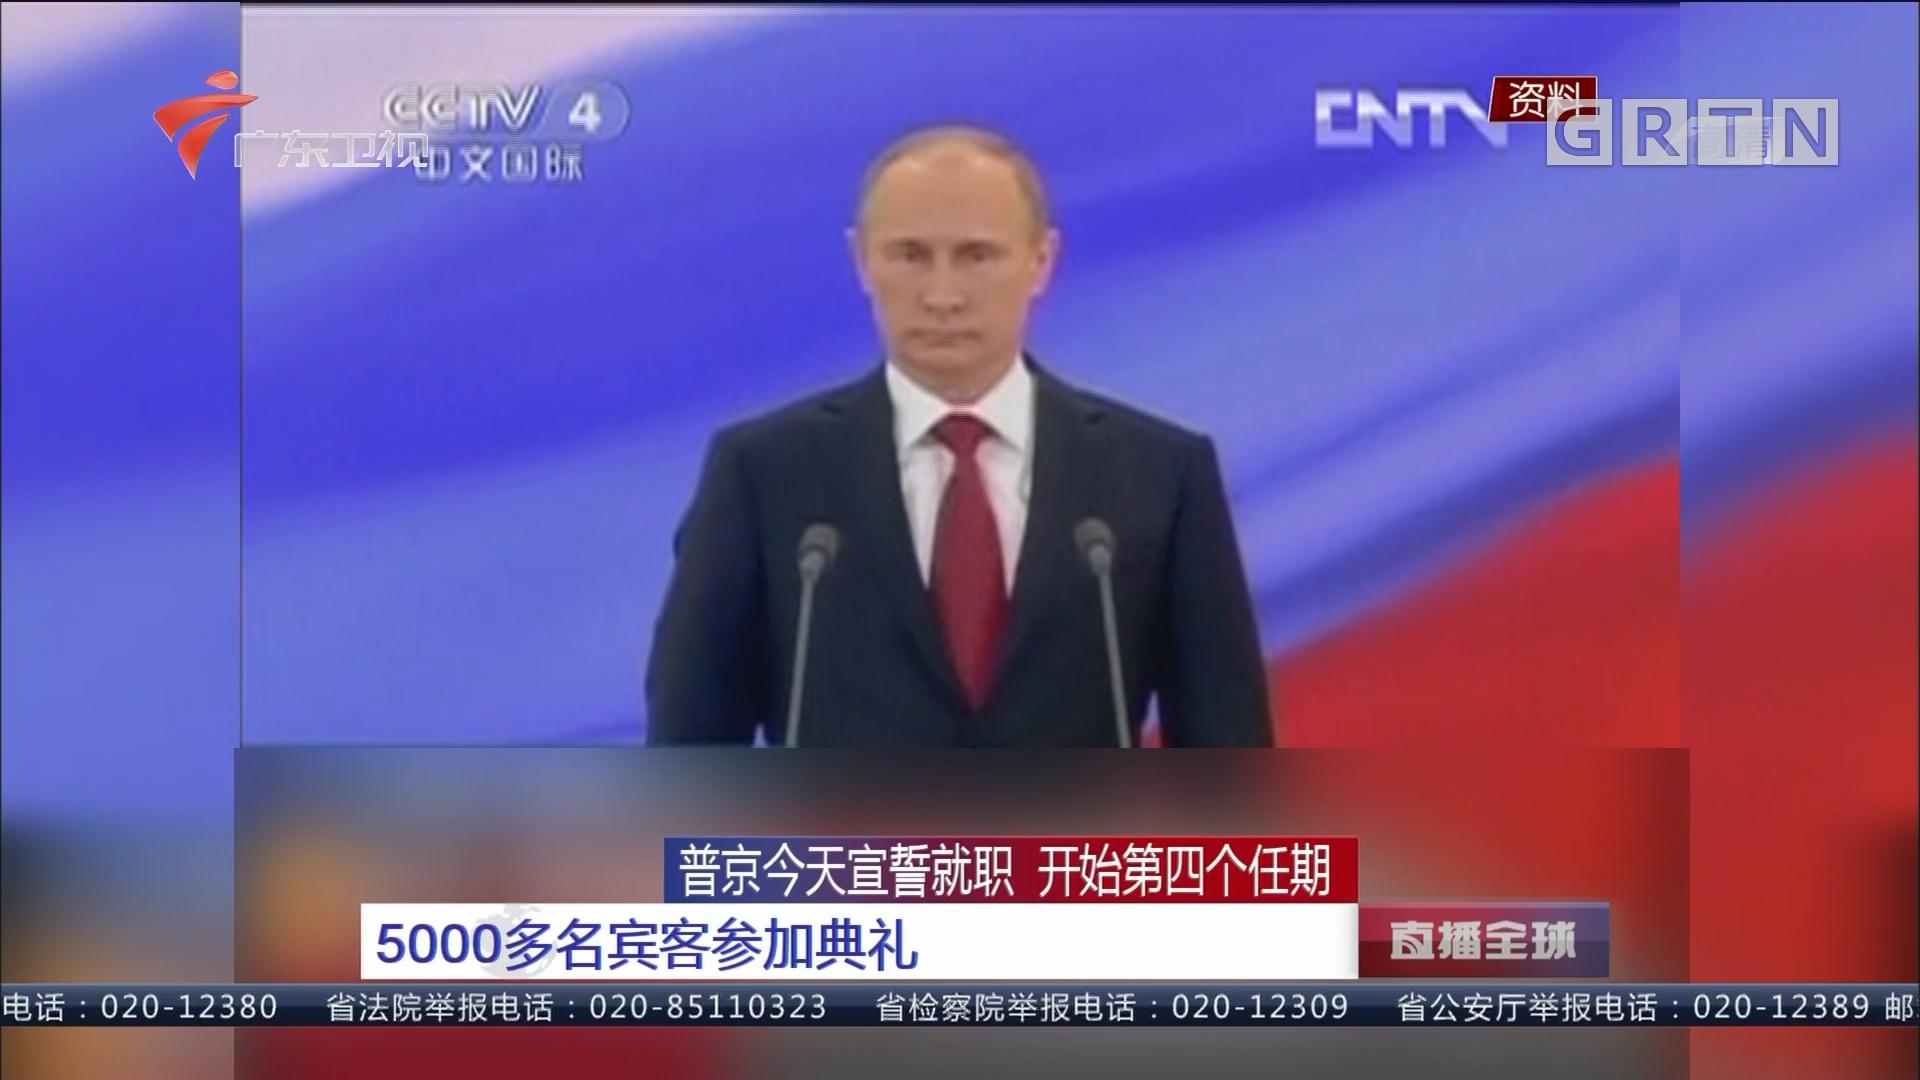 普京今天宣誓就职 开始第四个任期:5000多名宾客参加典礼